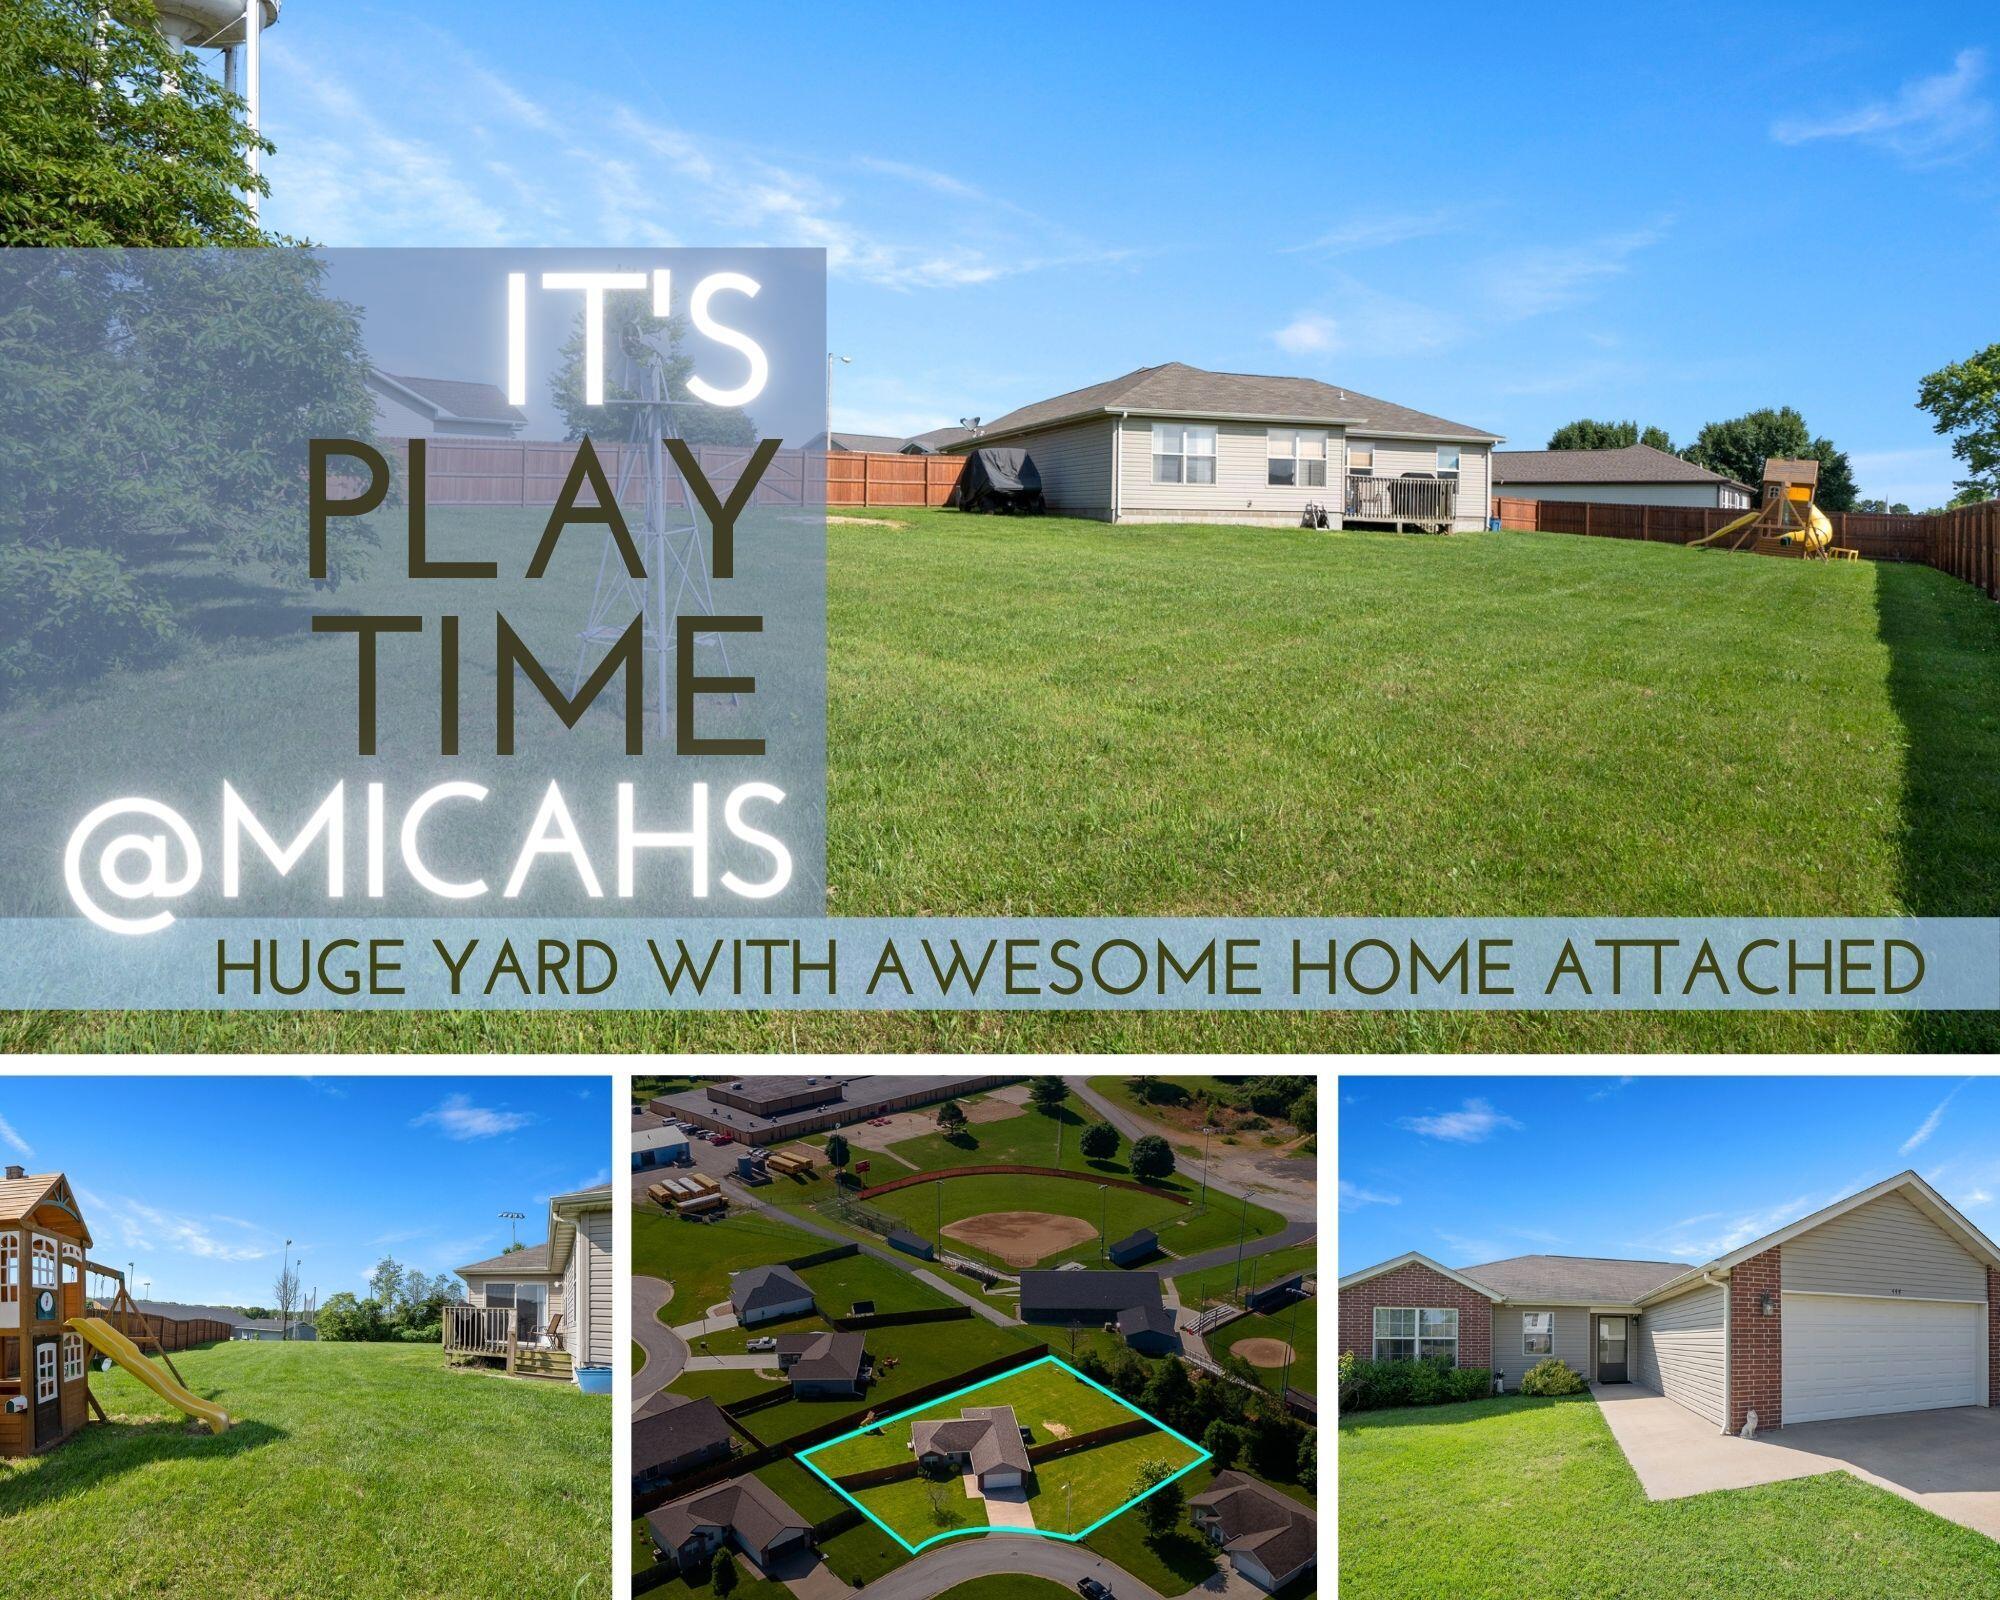 444 Micahs Xing, Reeds Spring, Missouri 65737